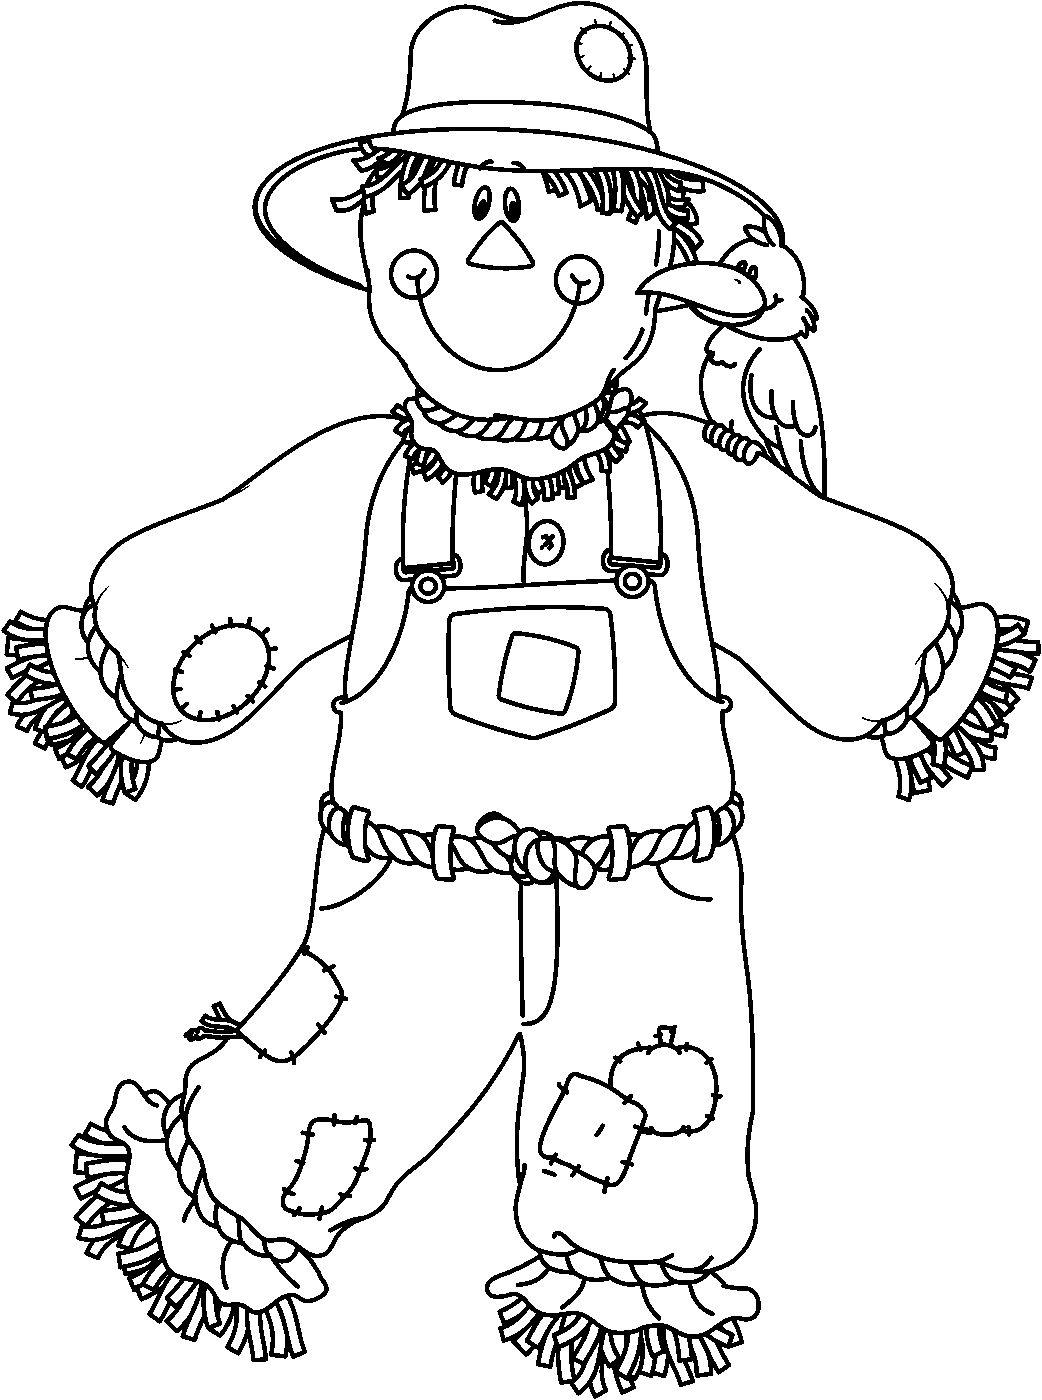 Menta m s chocolate recursos y actividades para for Coloring pages scarecrow